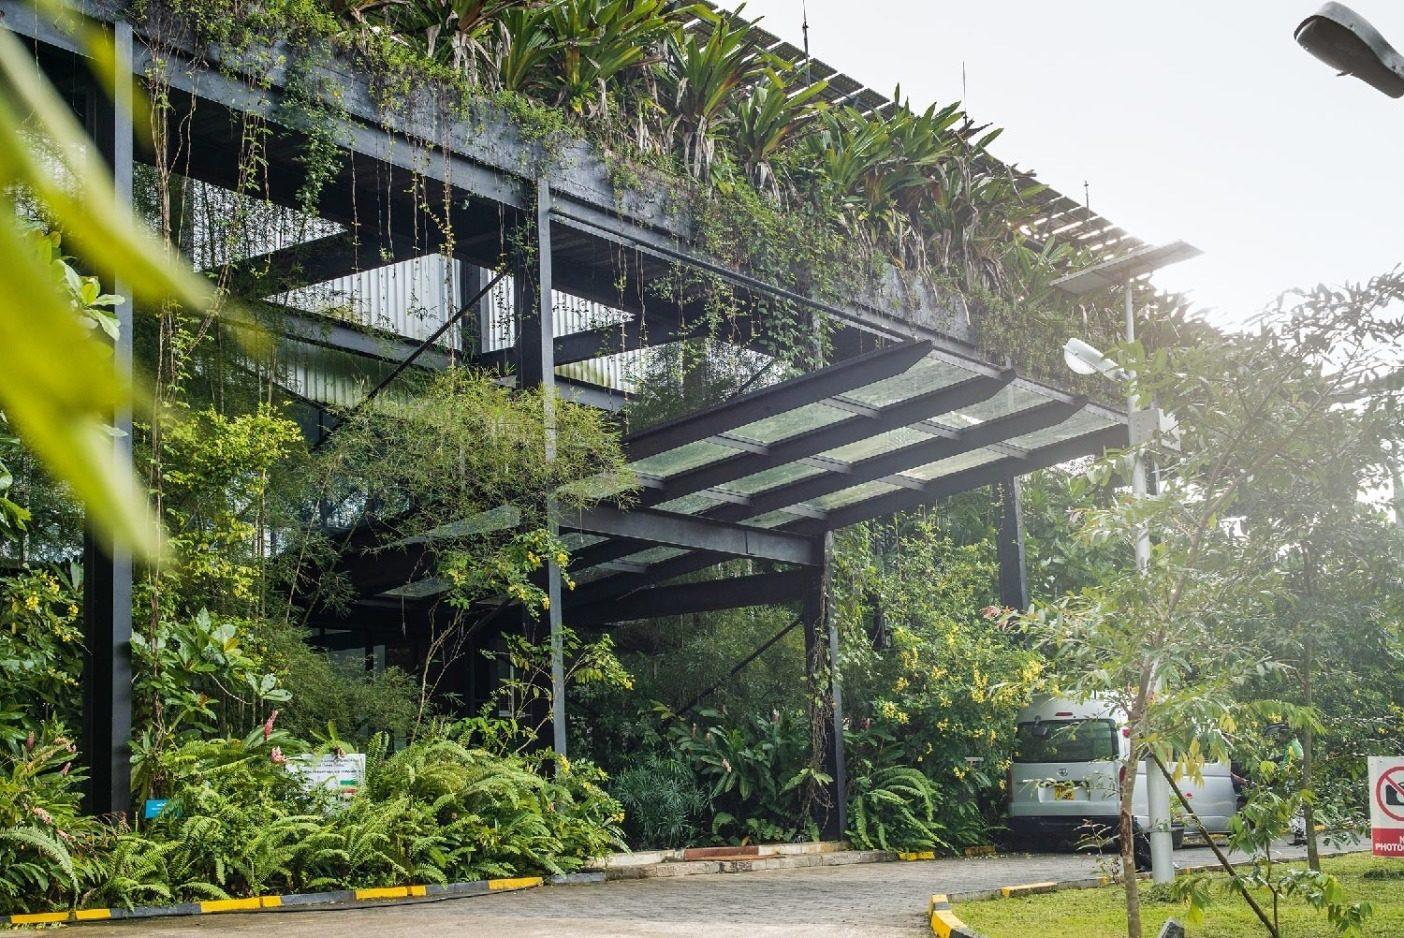 パタゴニアのパートナーであるスリランカのアガラワッタにあるヒルダラマニ・グループのミヒラ工場は、カーボン・ニュートラル施設を運営しており、そこはLEEDグリーン・ビルディングのゴールド認証を受けている。世界銀行グループによると、地球規模で二酸化炭素排出抑制措置を取らなければ、スリランカの1,900万人以上の住民(人口の90%以上)が、2050年までに中程度から重度の「ホットスポット」地域に住むことになるという。Photo:Tim Davis